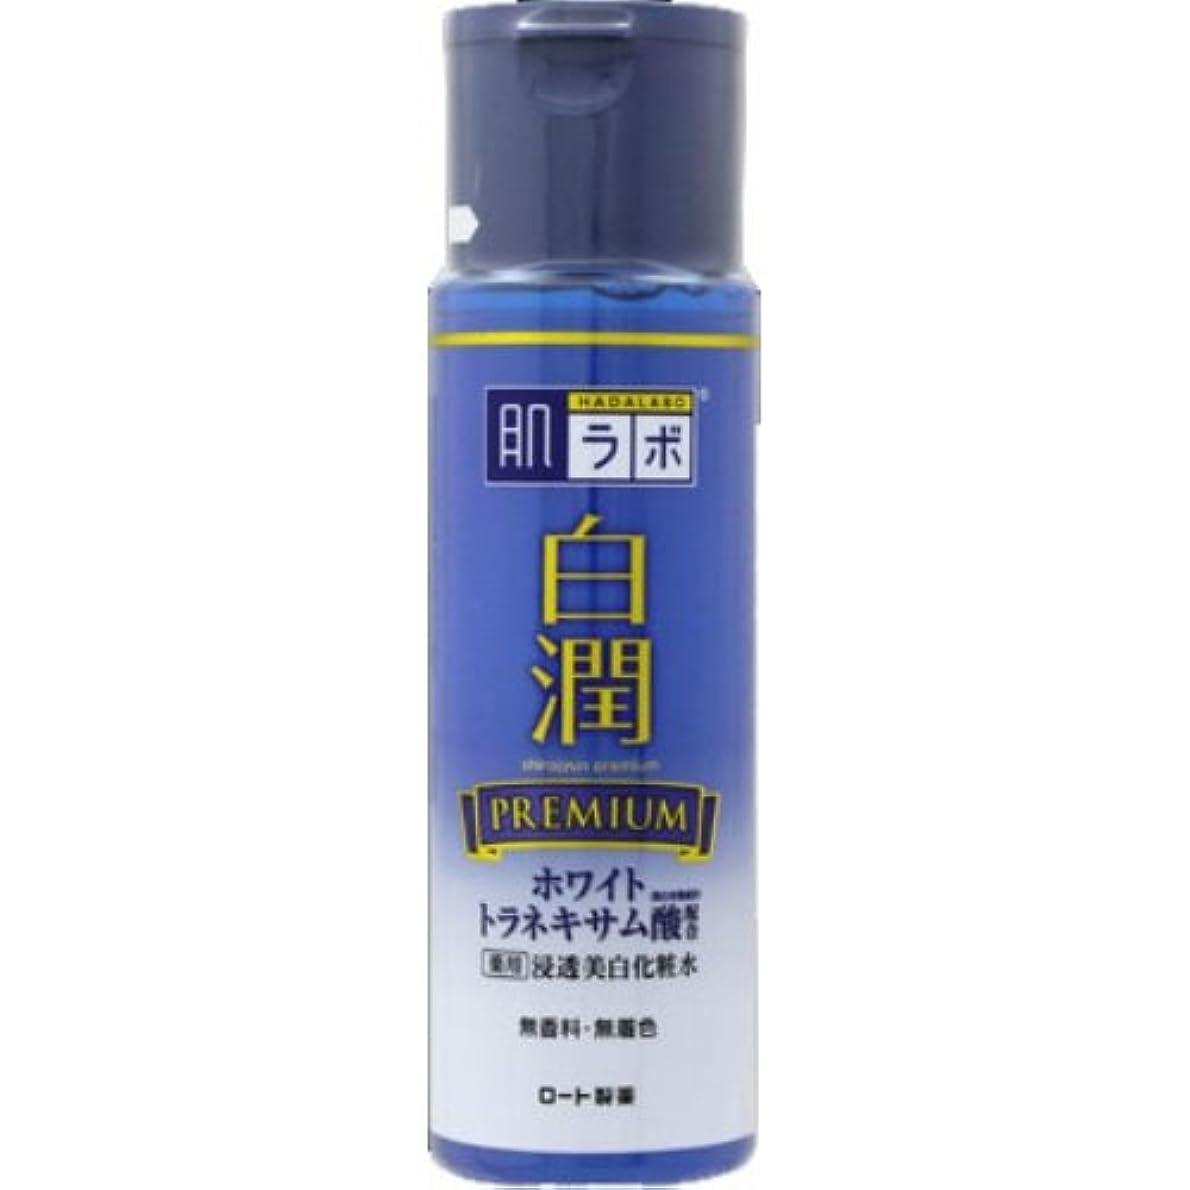 アクセシブル禁じる転送肌ラボ 白潤プレミアム 薬用浸透美白化粧水 170mL × 10個セット